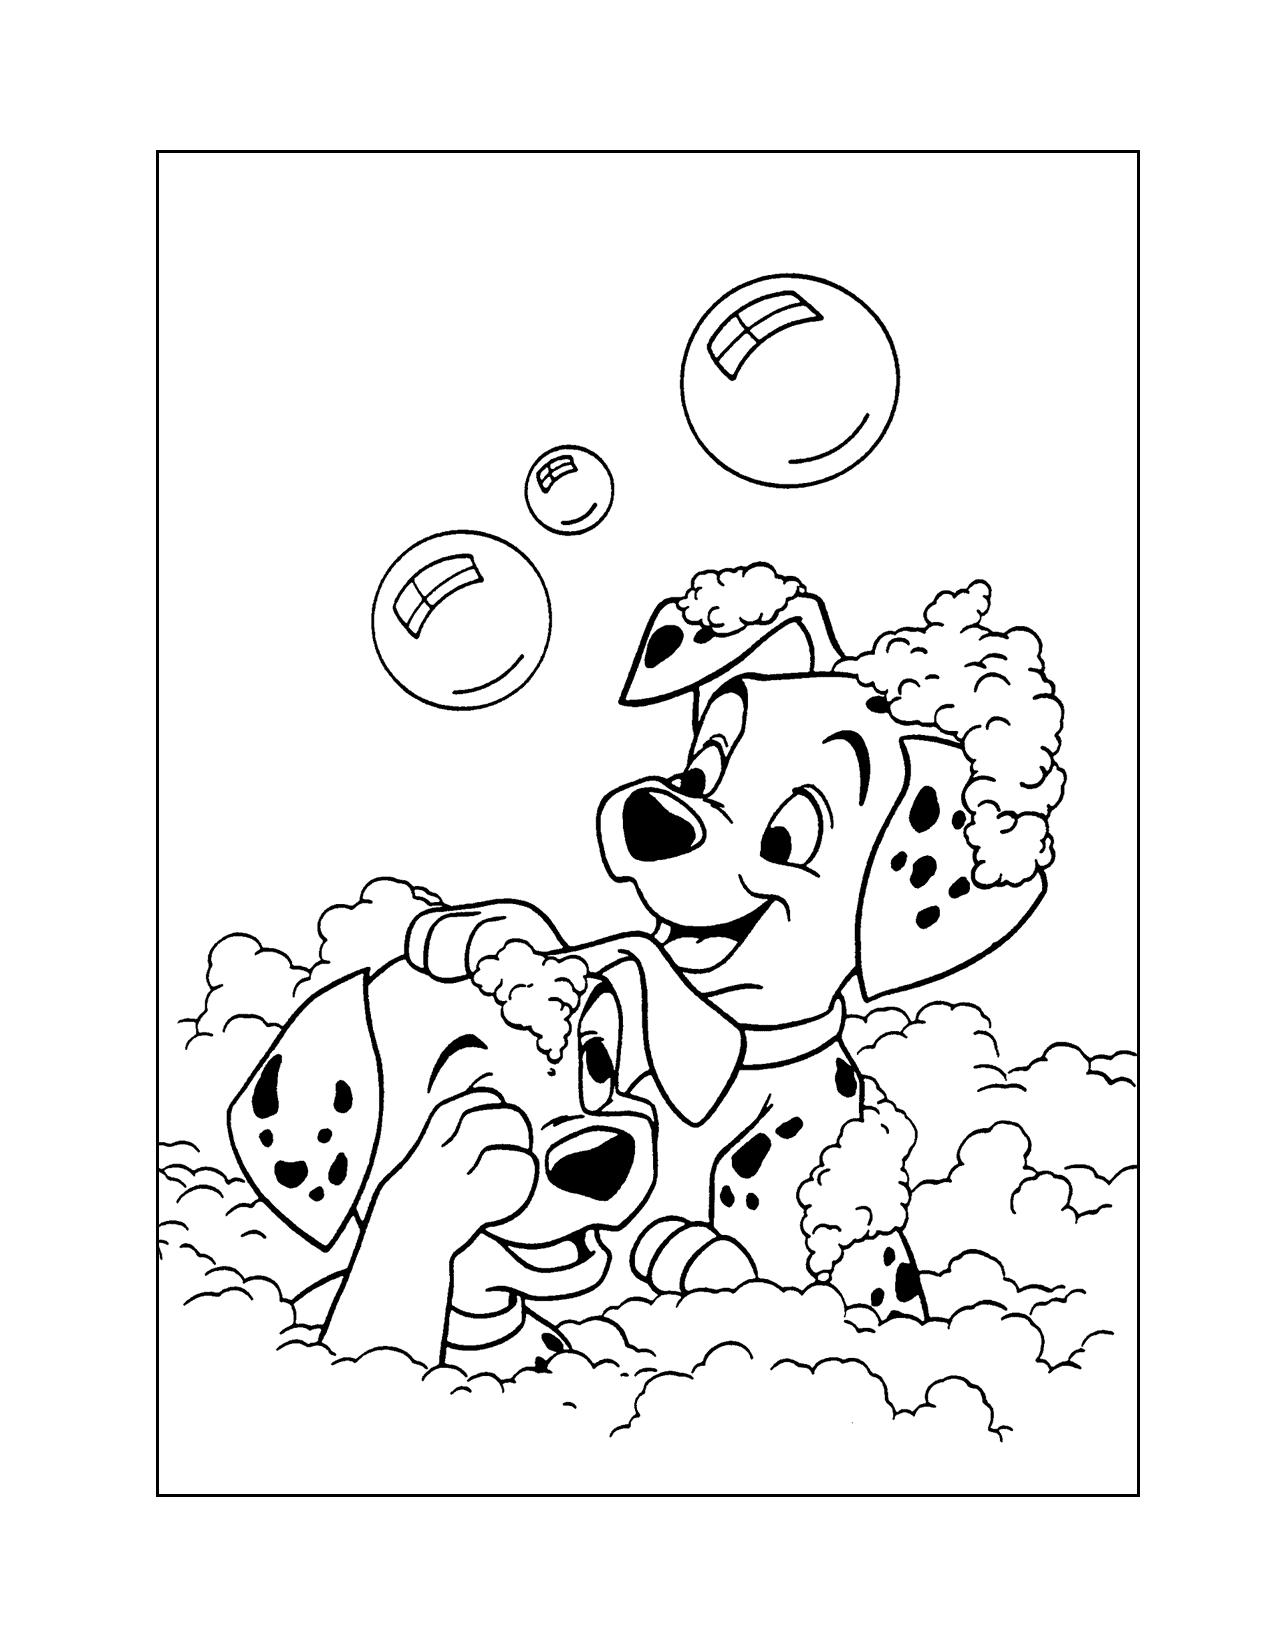 101 Dalmatians Have A Bubble Bath Coloring Page